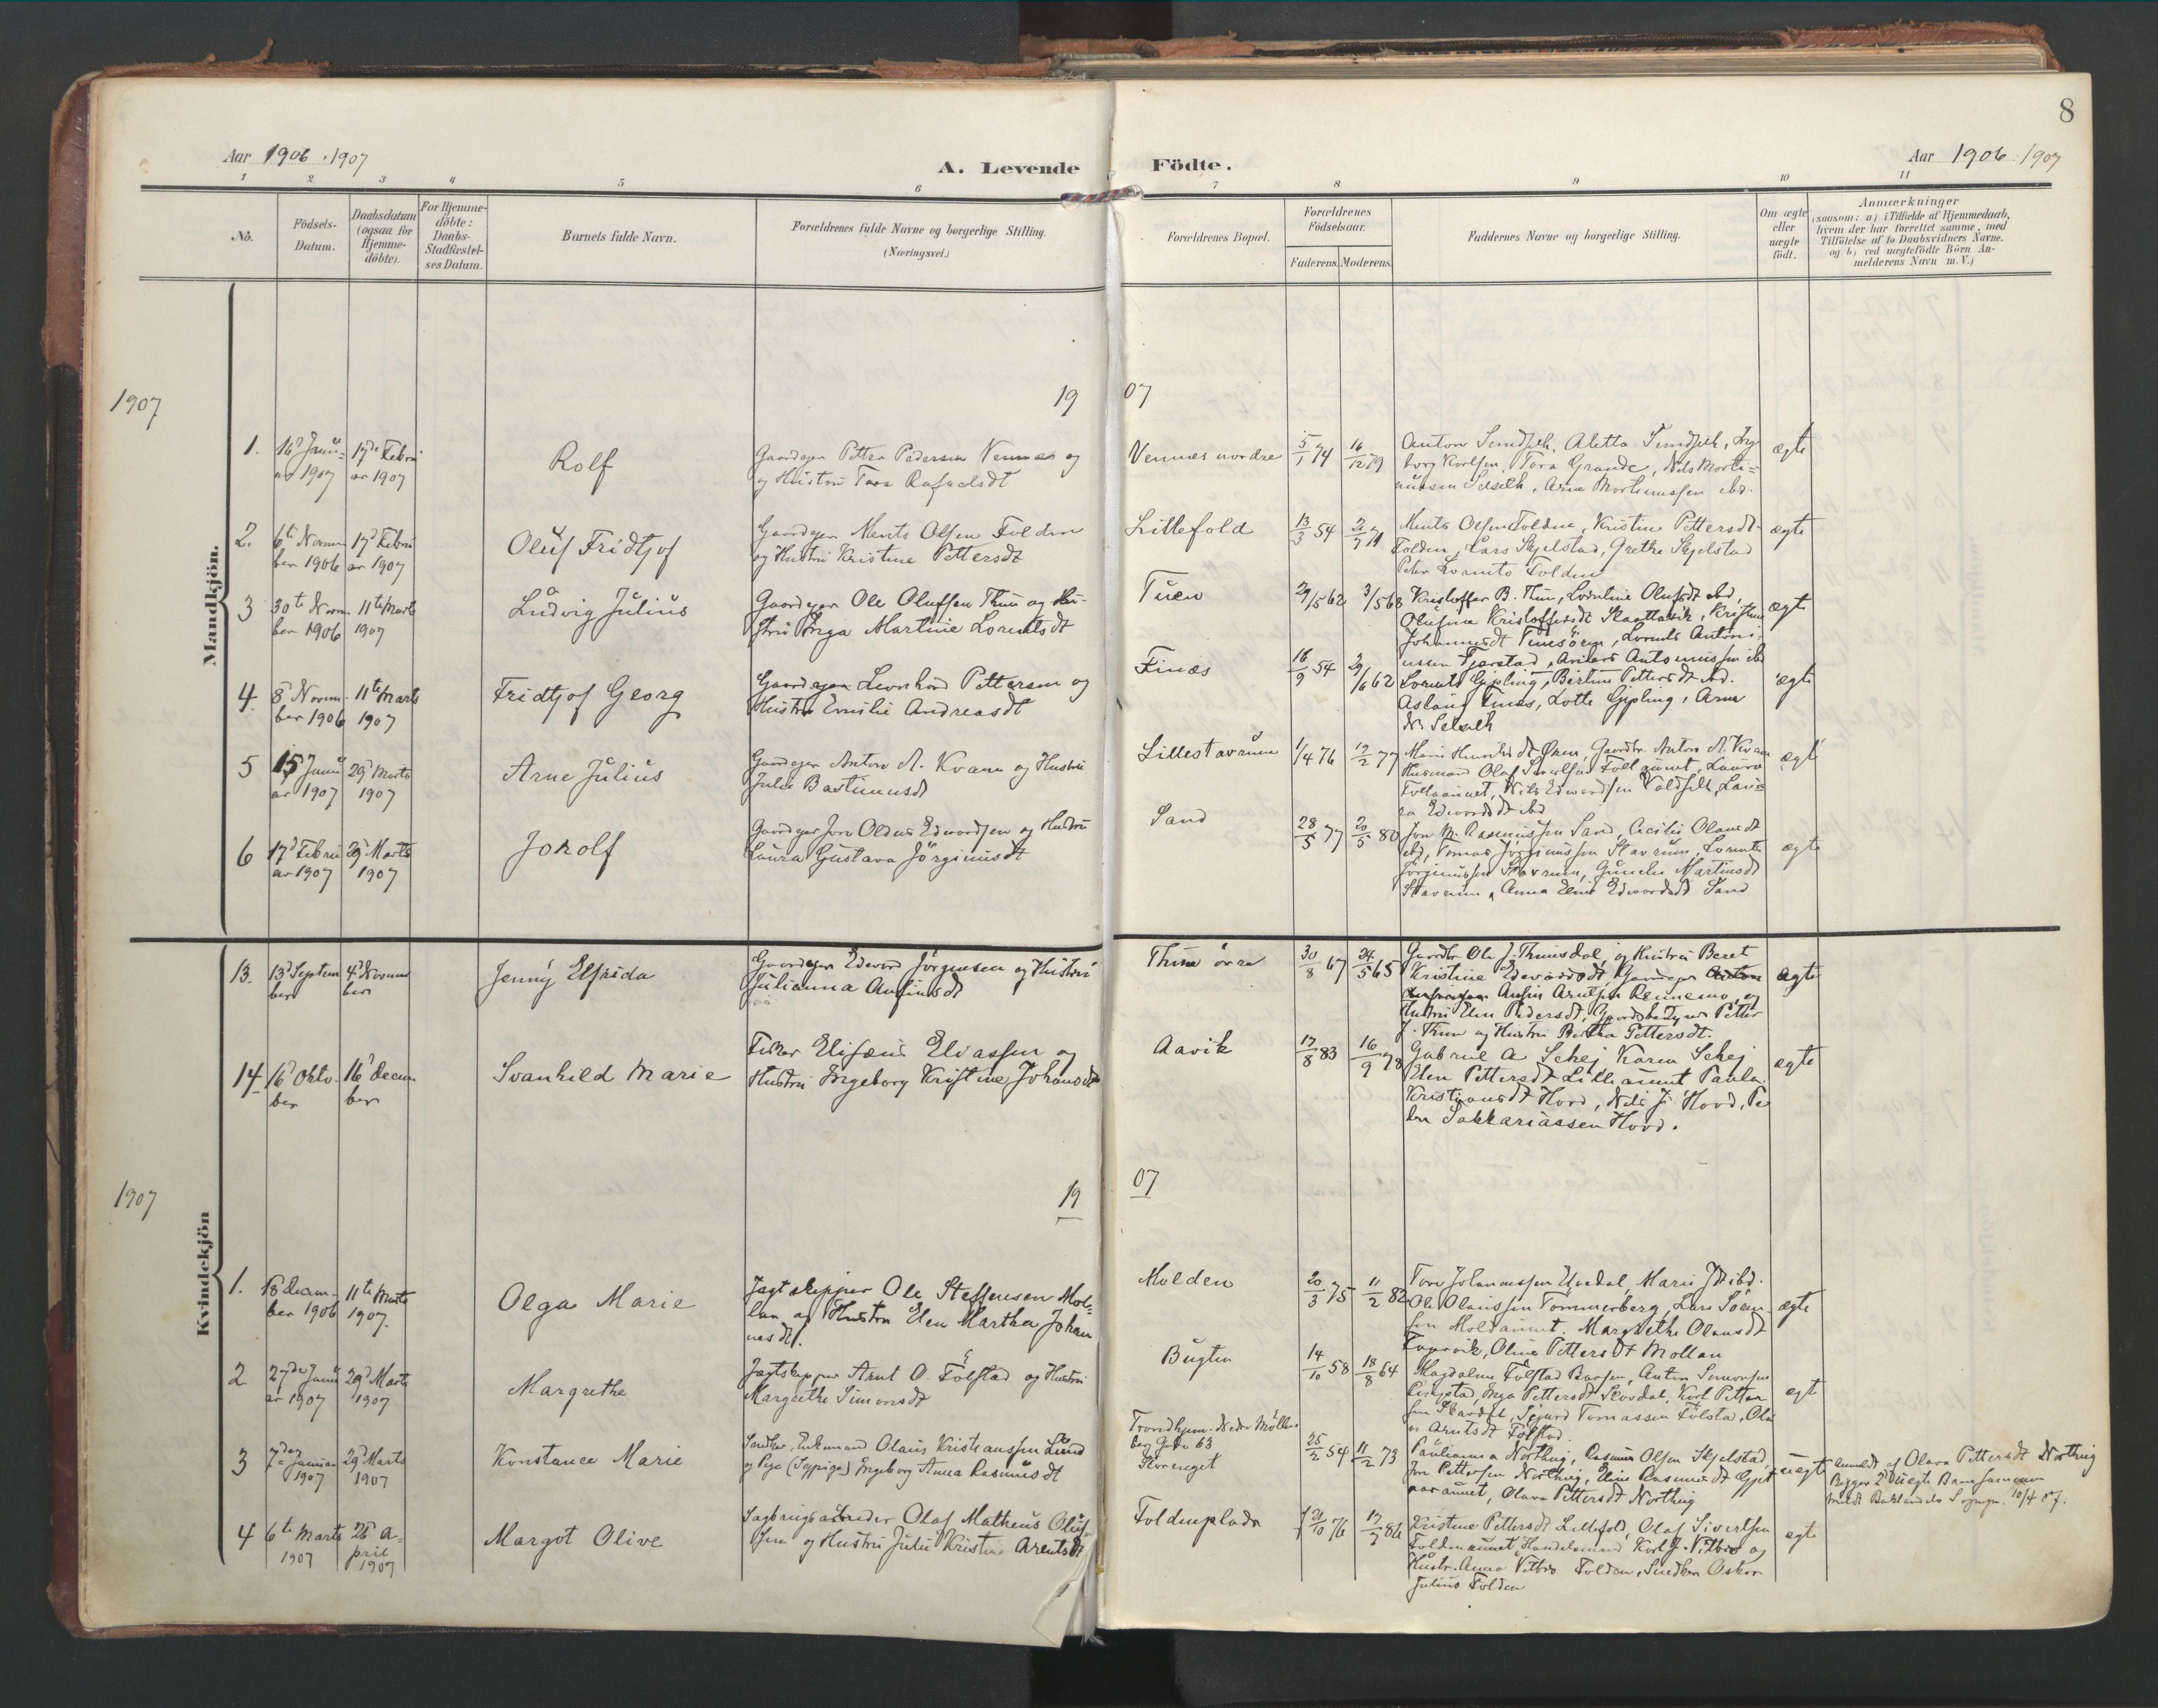 SAT, Ministerialprotokoller, klokkerbøker og fødselsregistre - Nord-Trøndelag, 744/L0421: Ministerialbok nr. 744A05, 1905-1930, s. 8